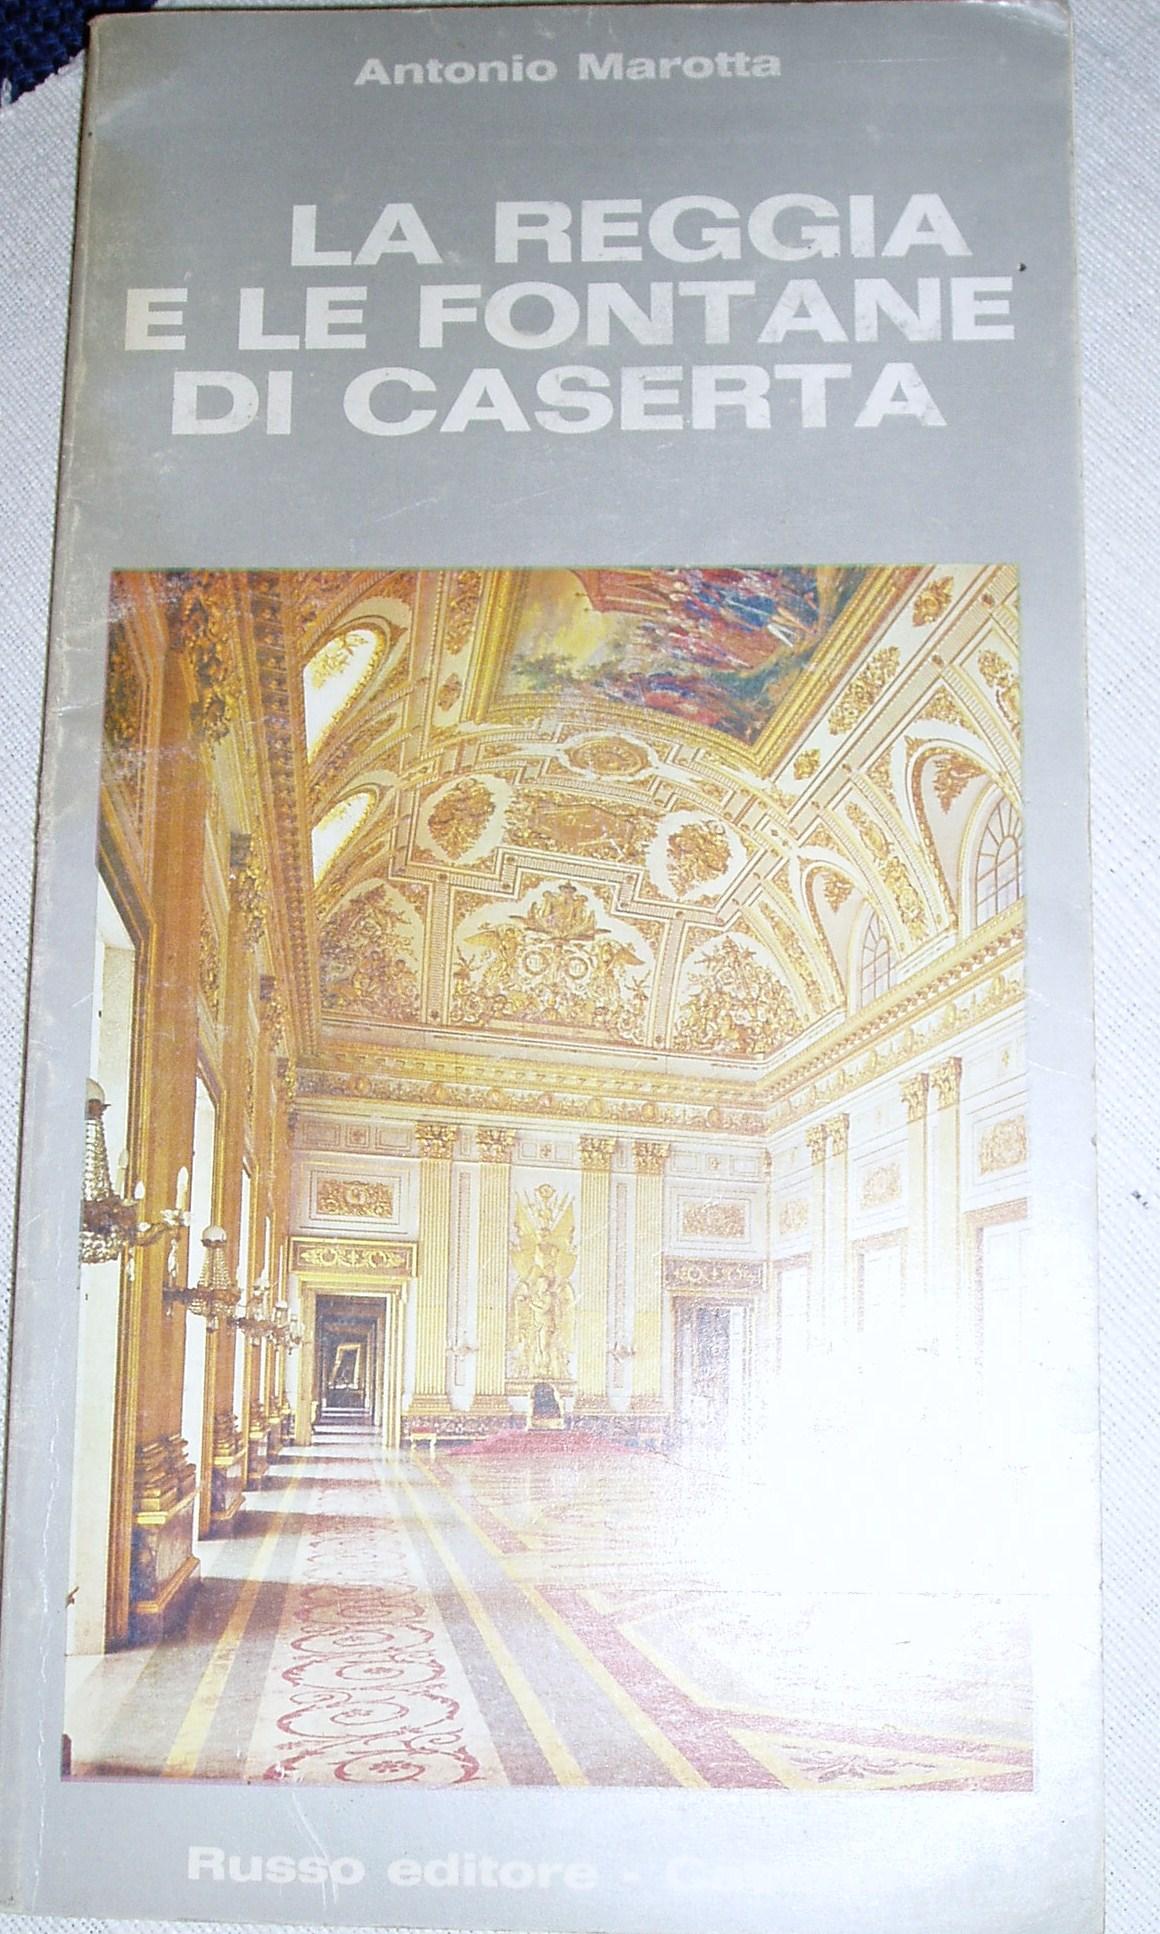 La Reggia e le fontane di Caserta